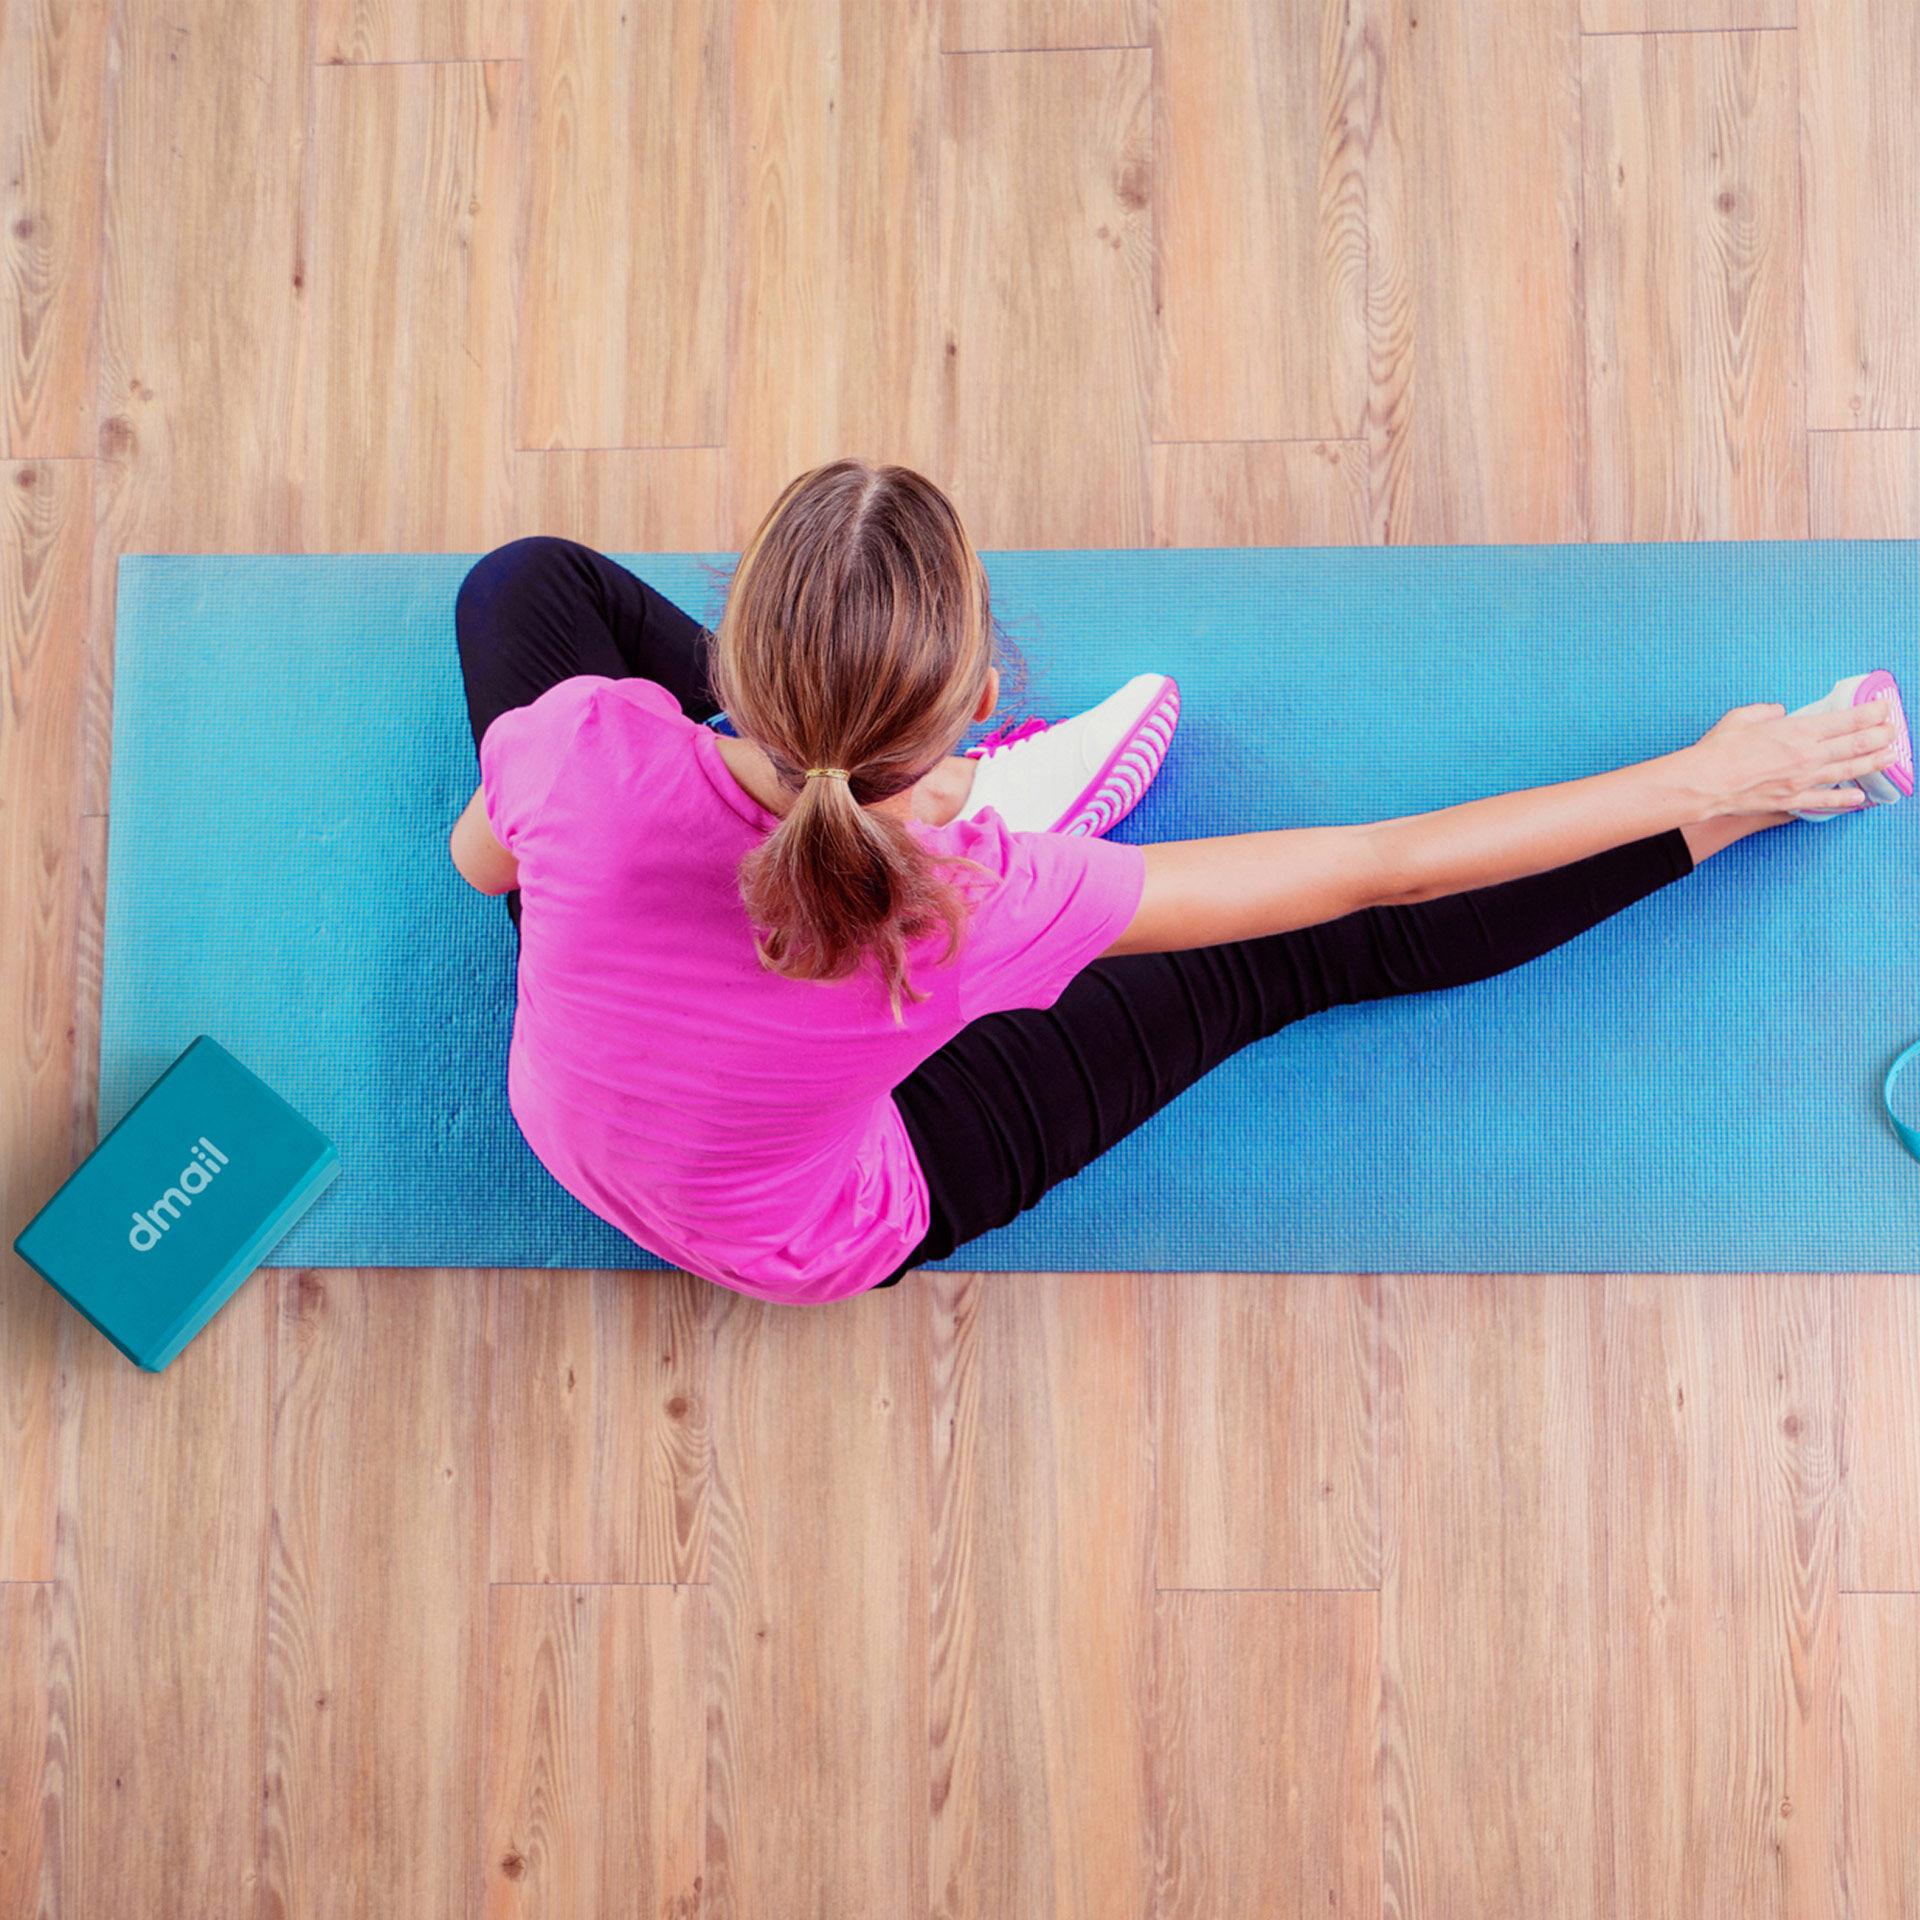 Accessoires de yoga - lot de 4 pièces, , large